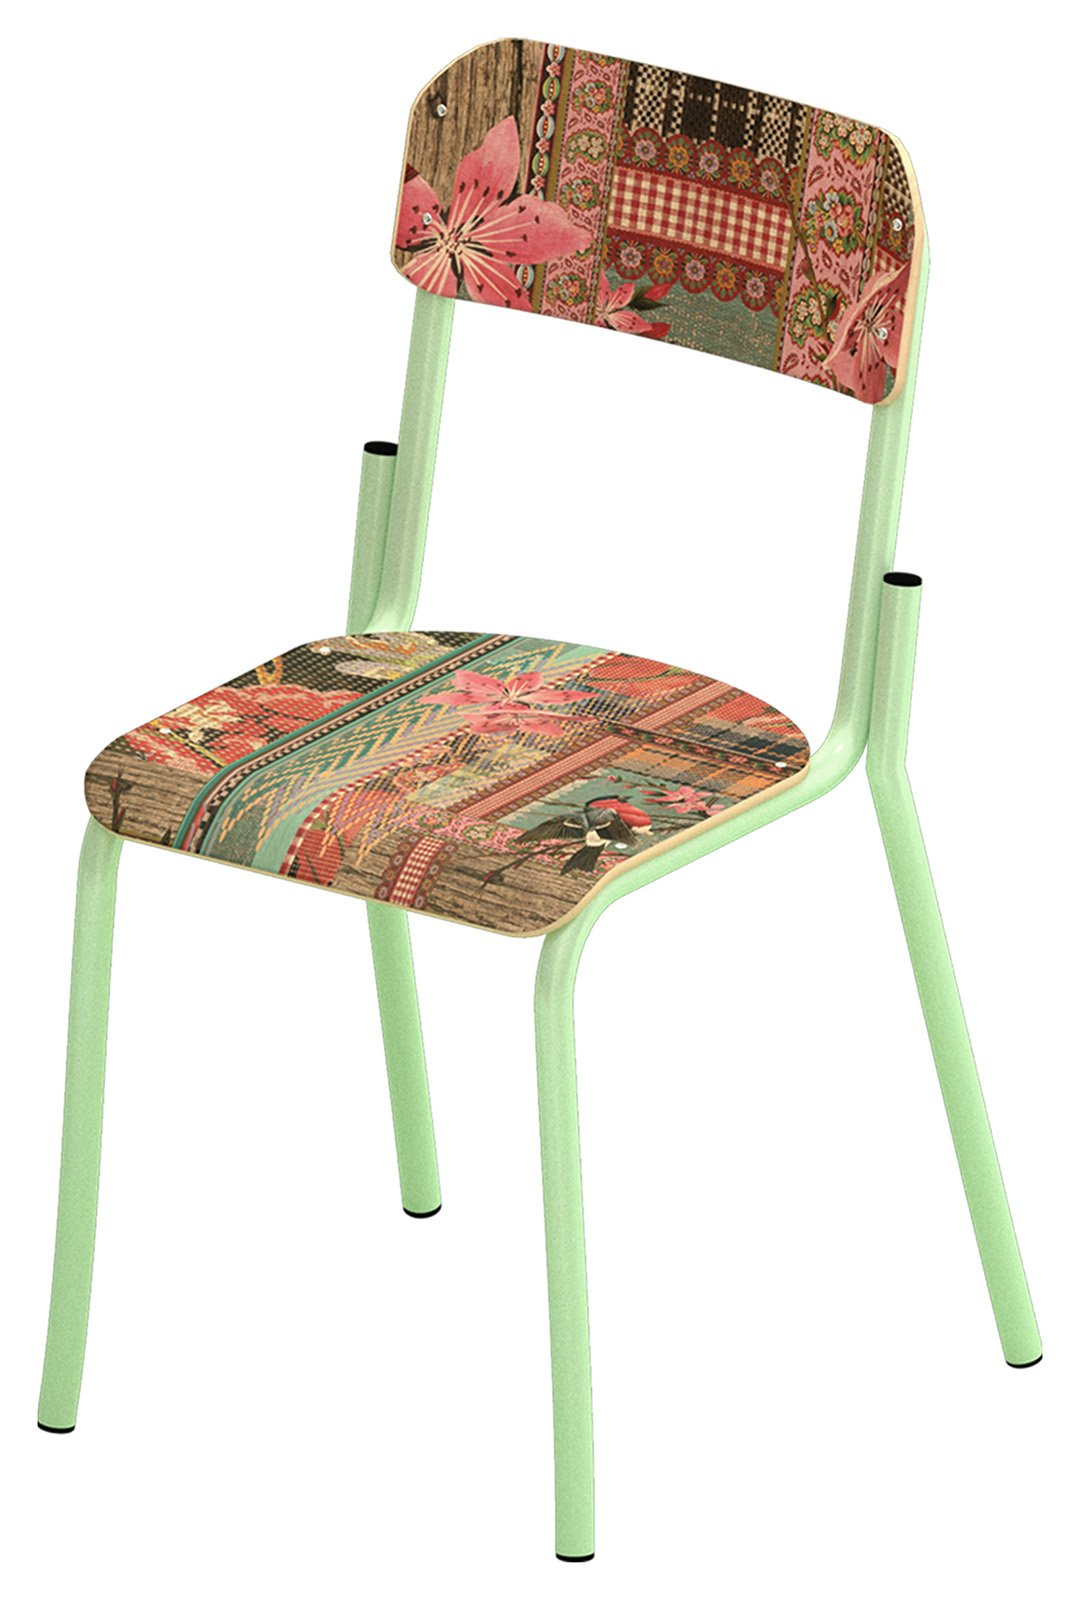 Ricorda le sedie in formica degli anni Sessanta questa seduta di Miho. Misura L 52 x P 52 x H 86 cm. Prezzo a partire da 149 euro. www.mihounexpected.it